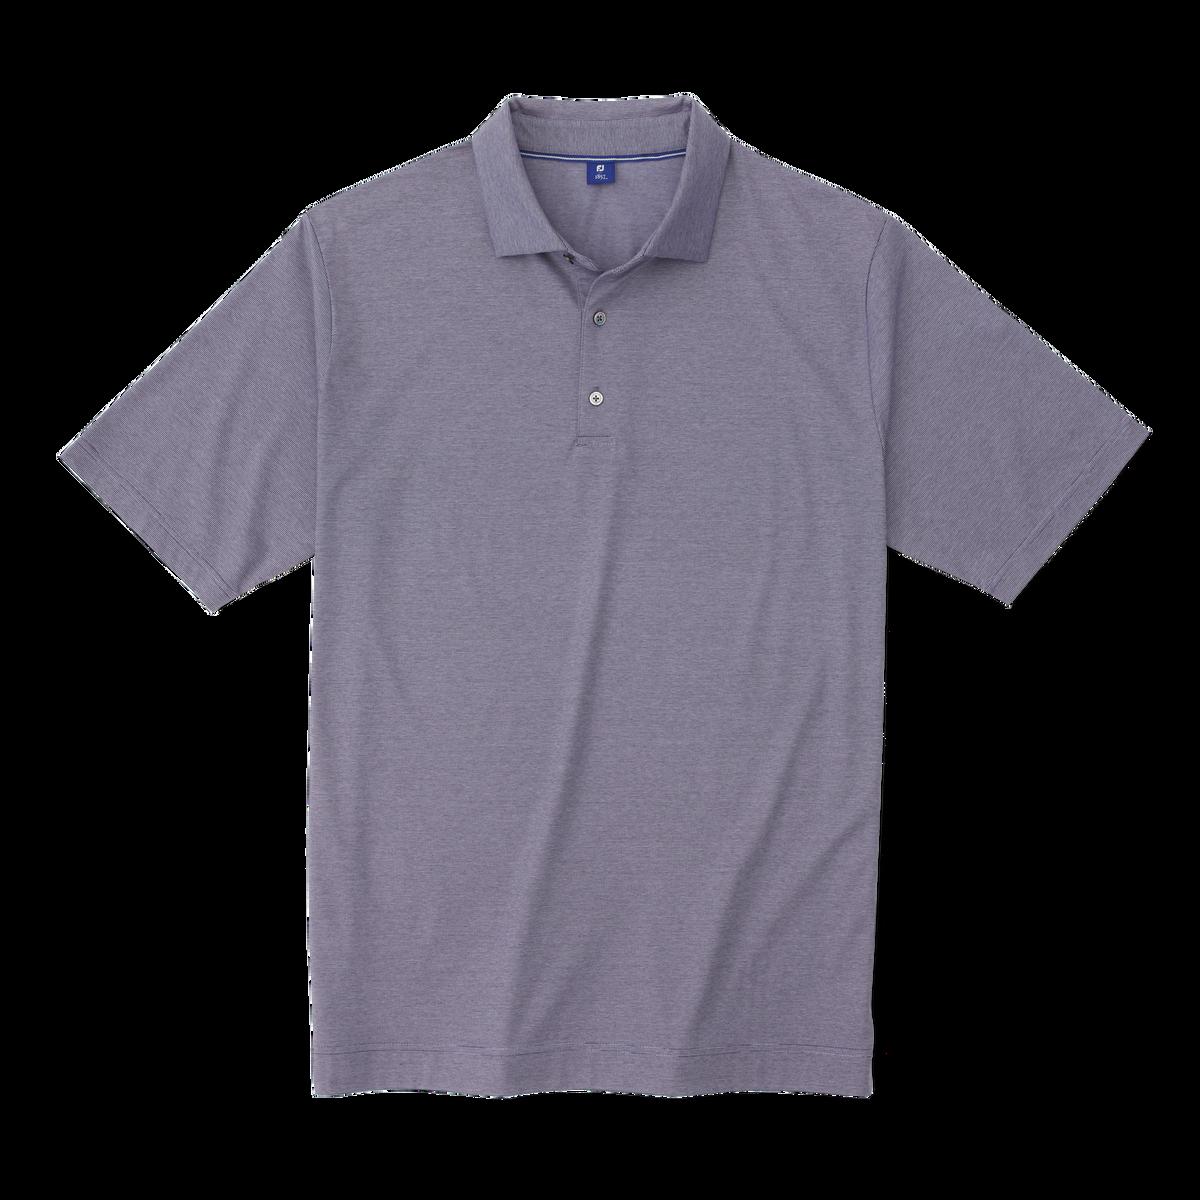 Supima Lisle End on End Shirt